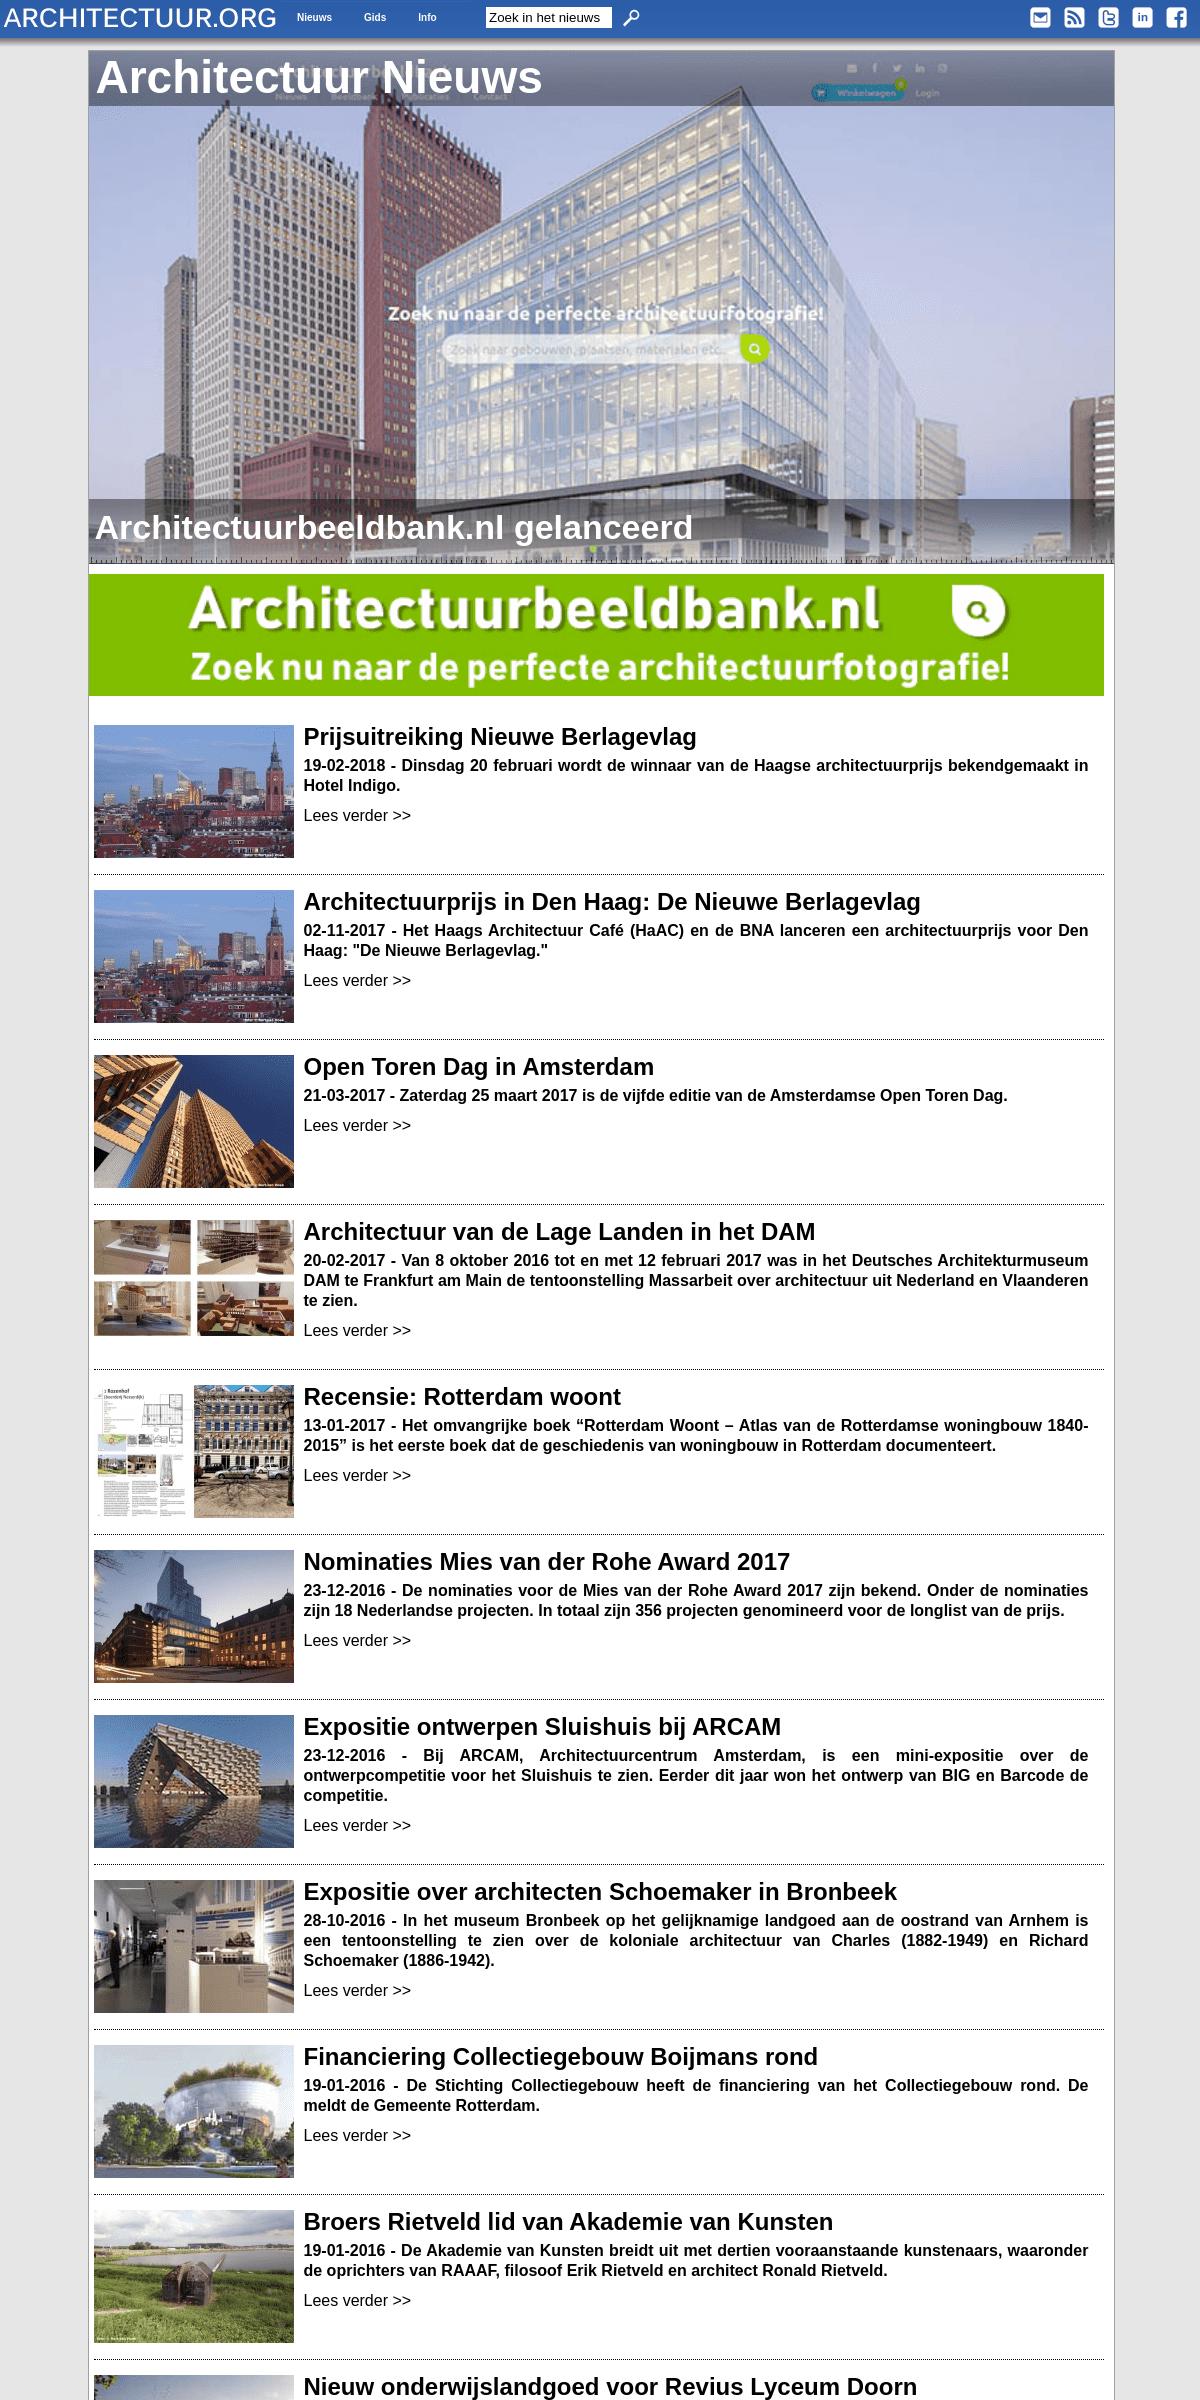 Architectuur Nieuws op Architectuur.ORG - de onafhankelijke architectuurwebsite